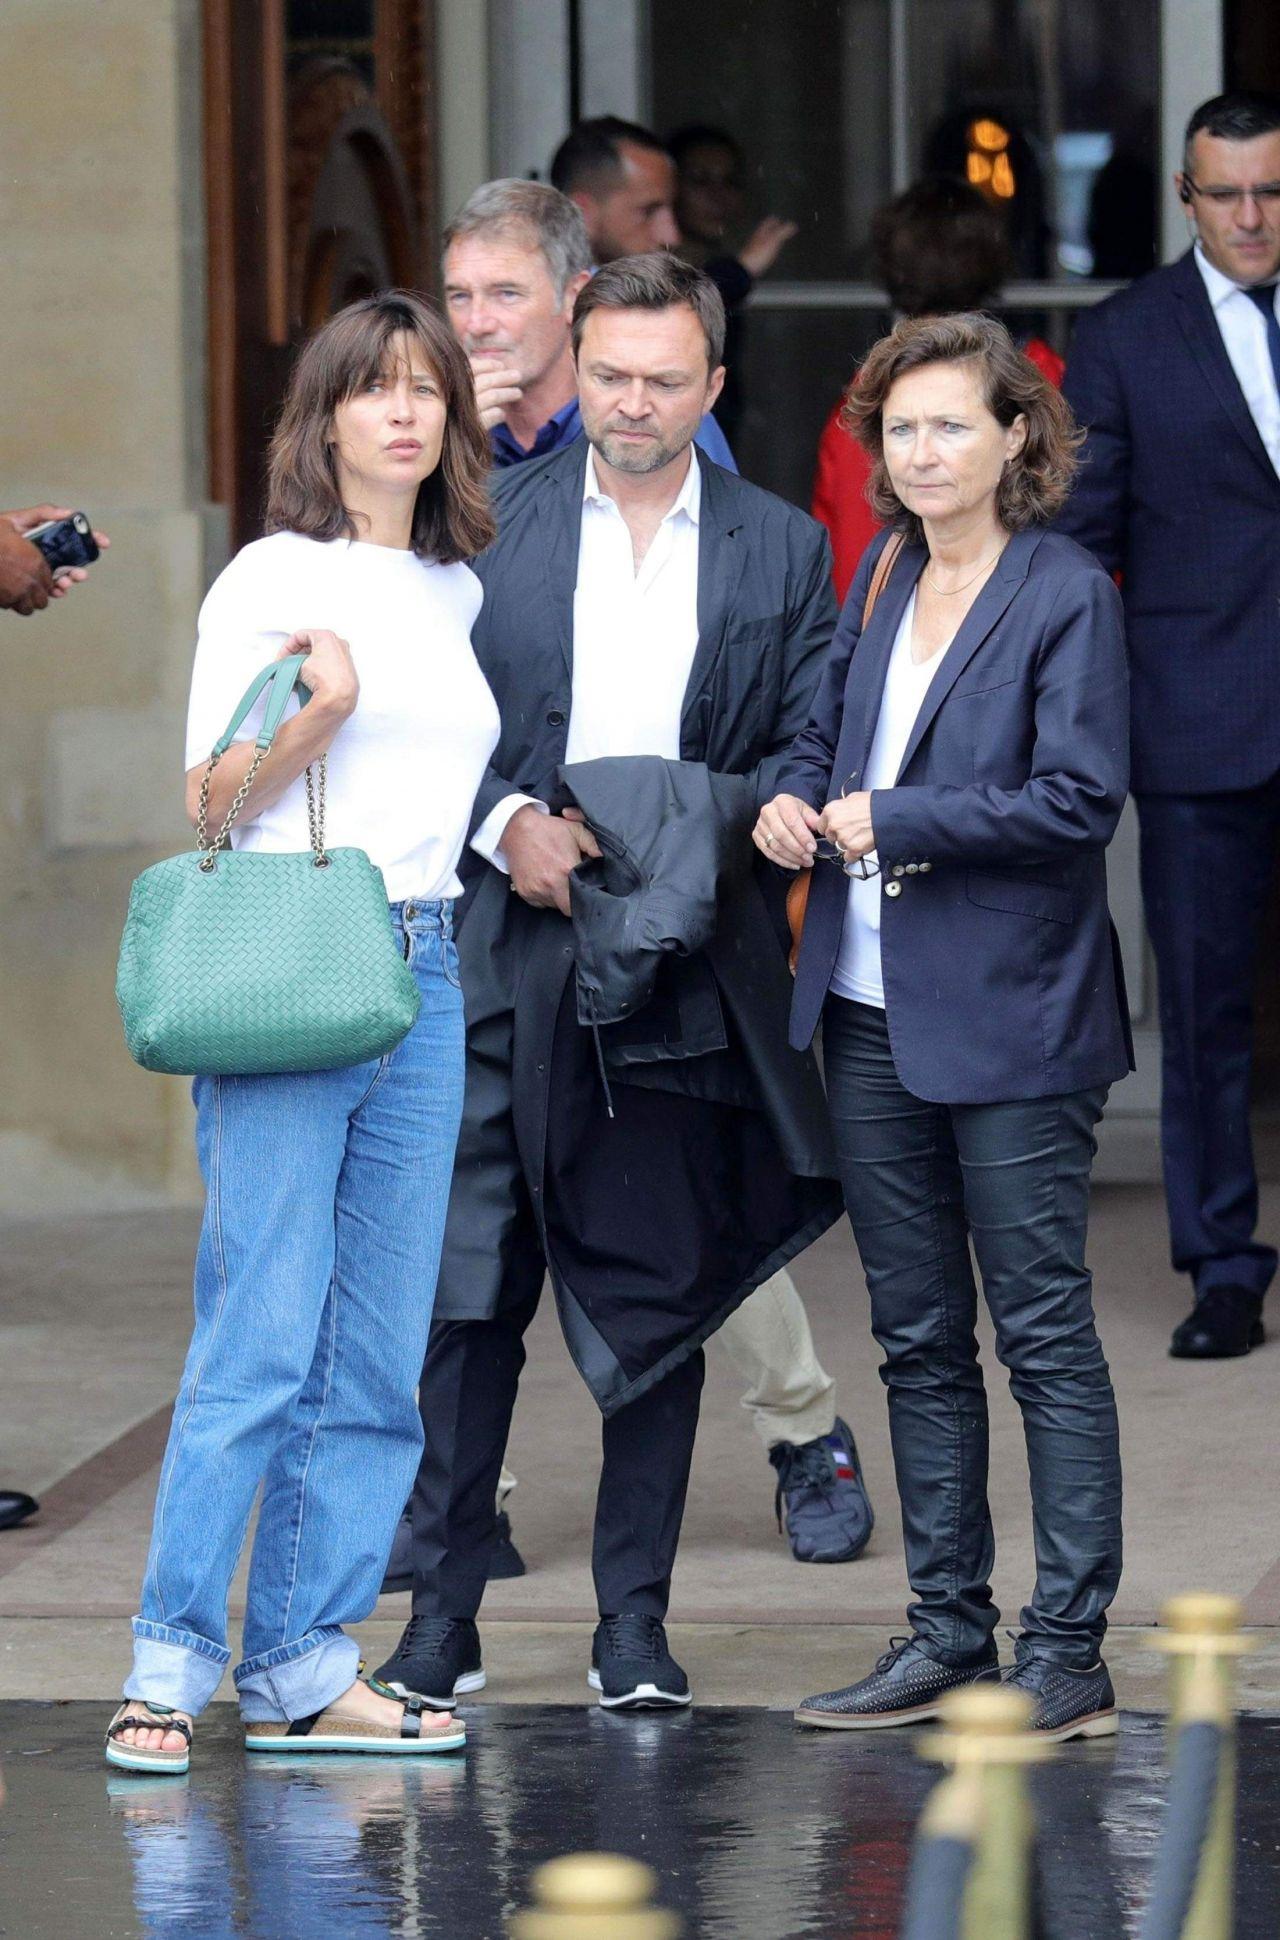 Sophie Marceau Leaving The Crillon Hotel In Paris 06 11 2018